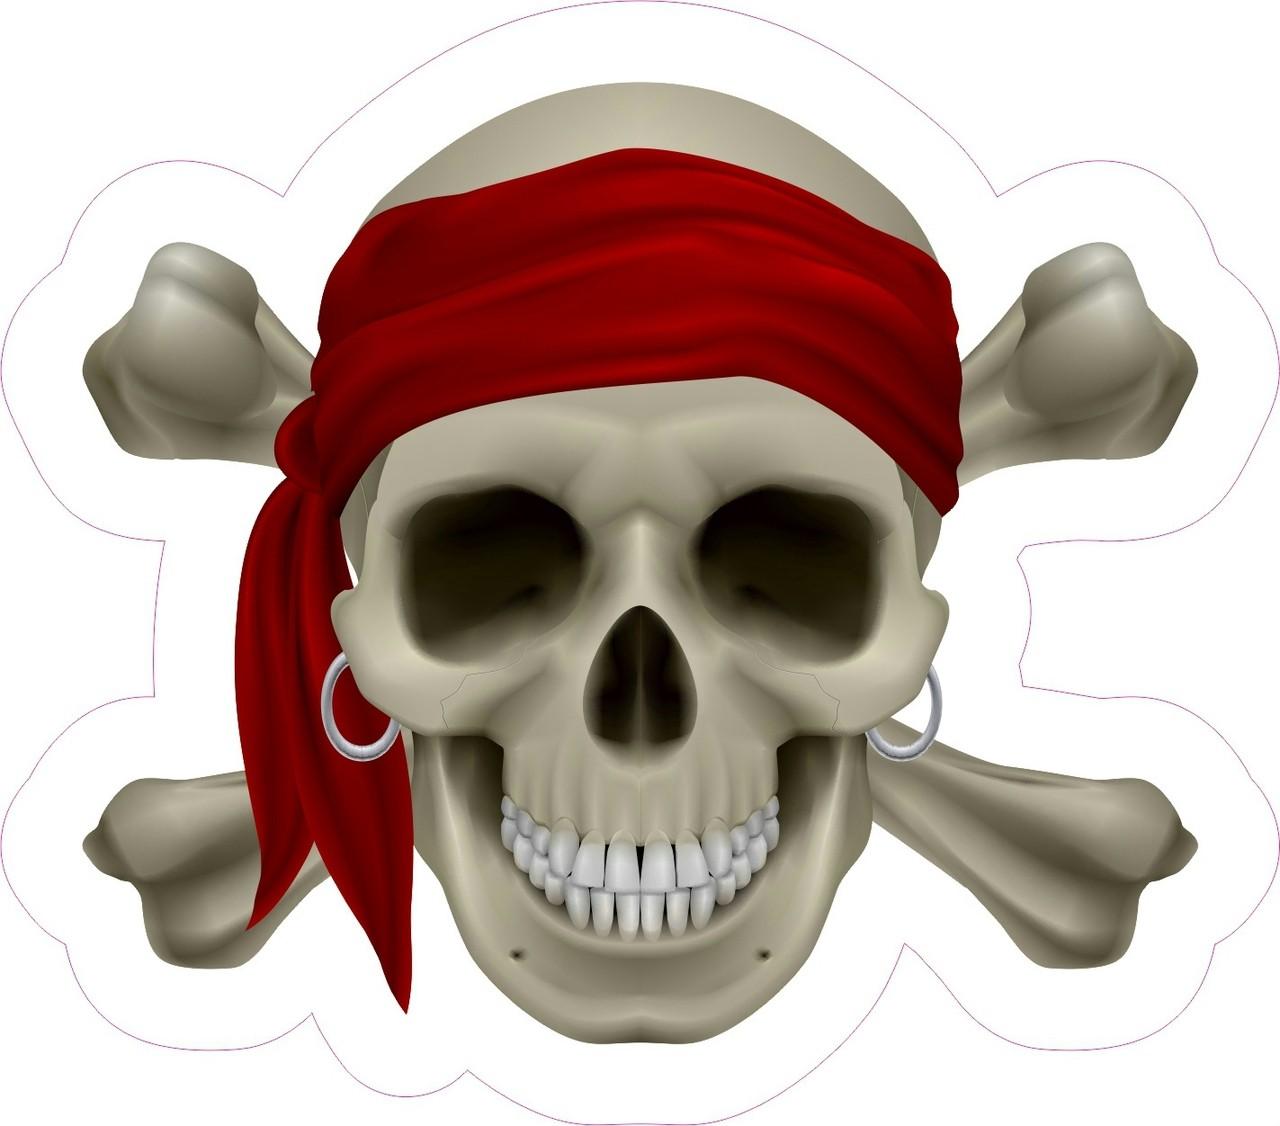 4 75x4 25in Realistic Pirate Skull Bumper Sticker Decal